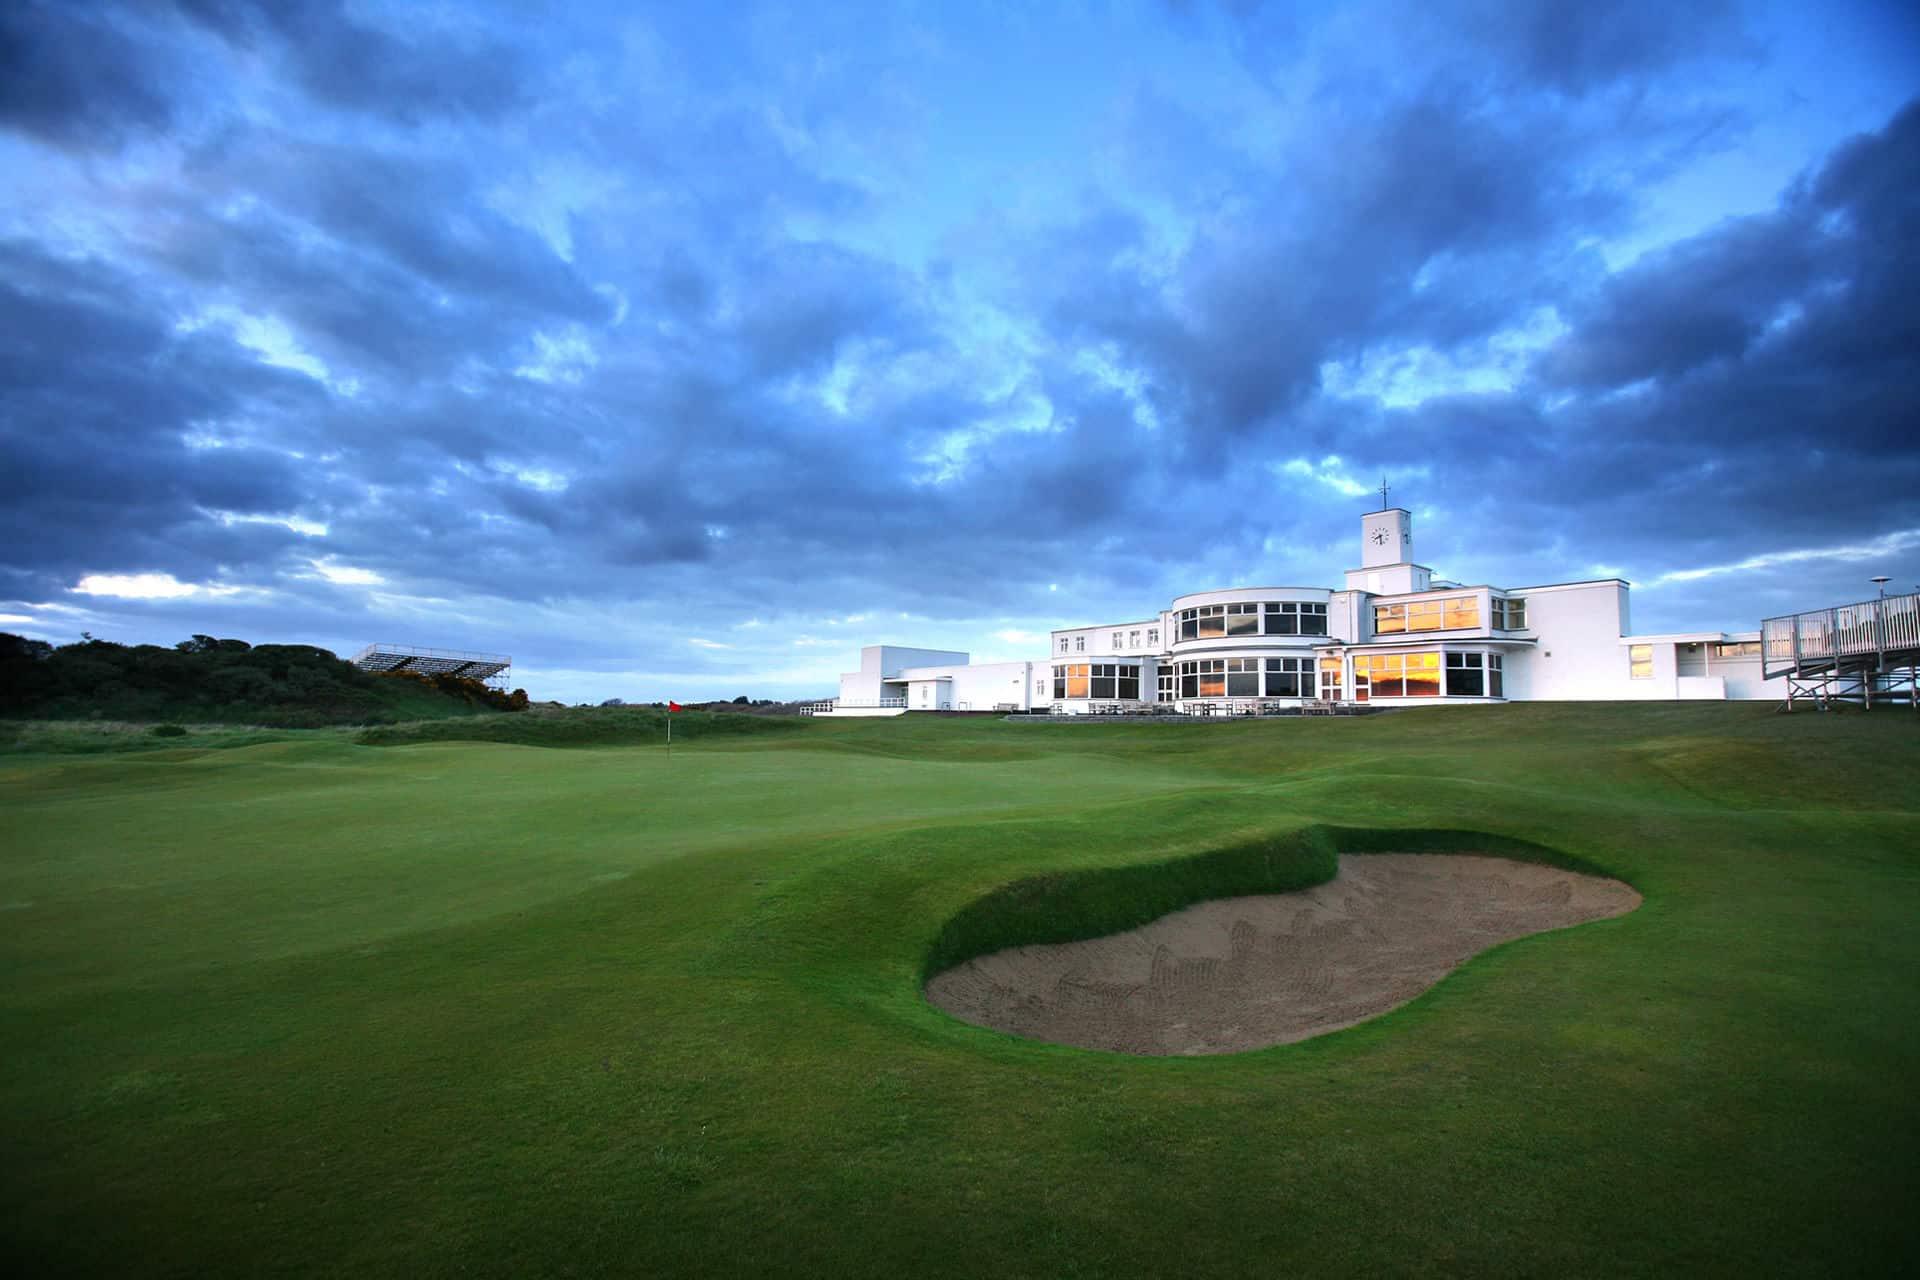 Royal Birkdale Golf Club